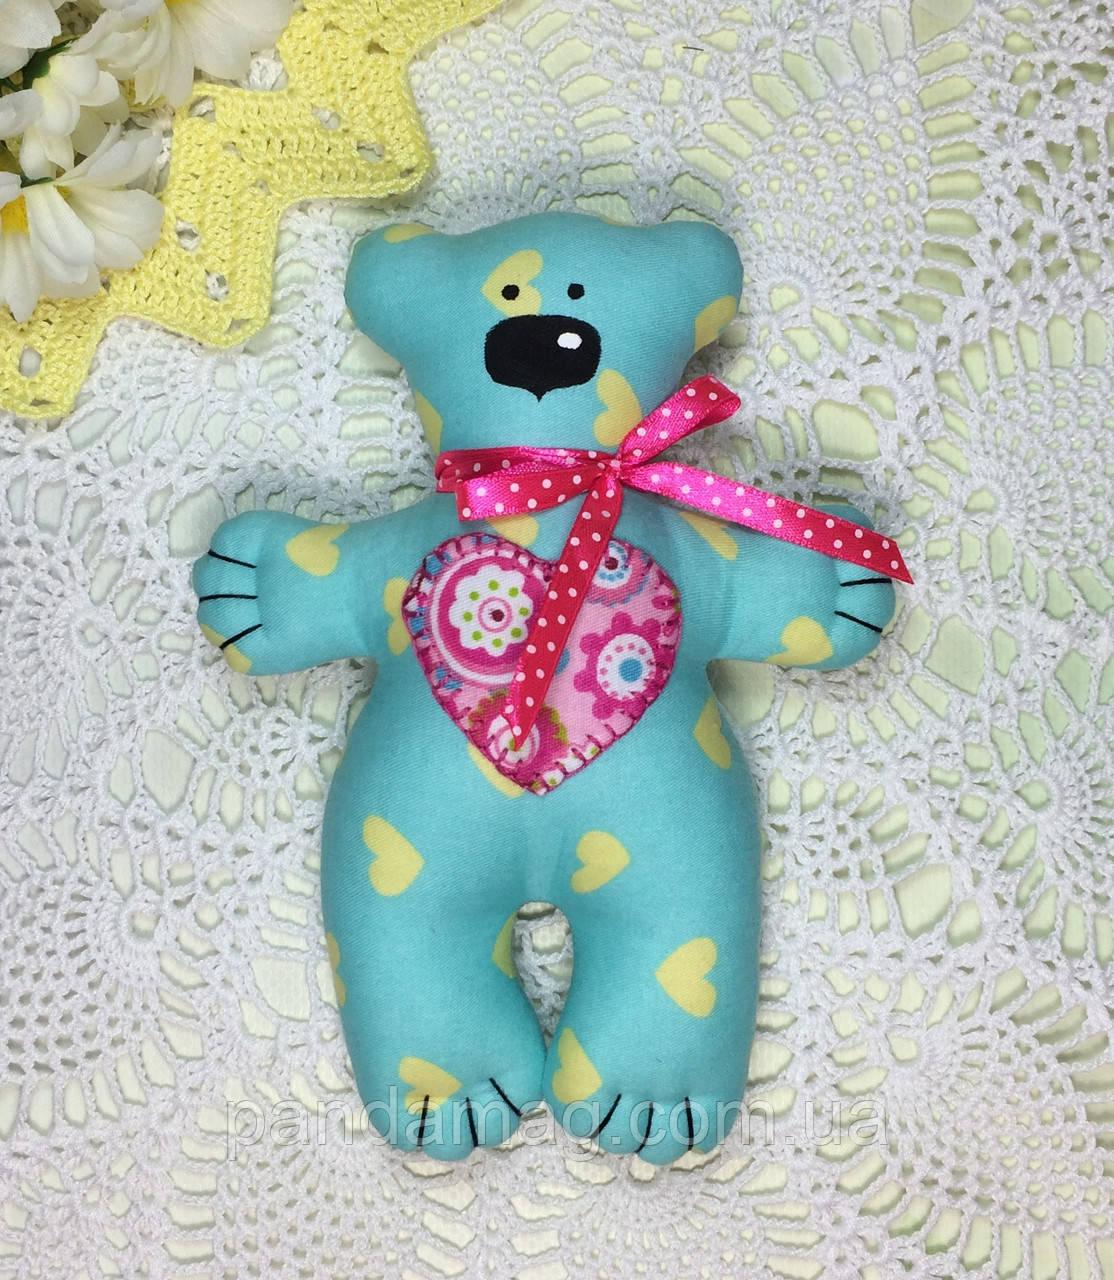 """Мягкая игрушка ручной работы """"Мишка с сердечком"""" голубой"""